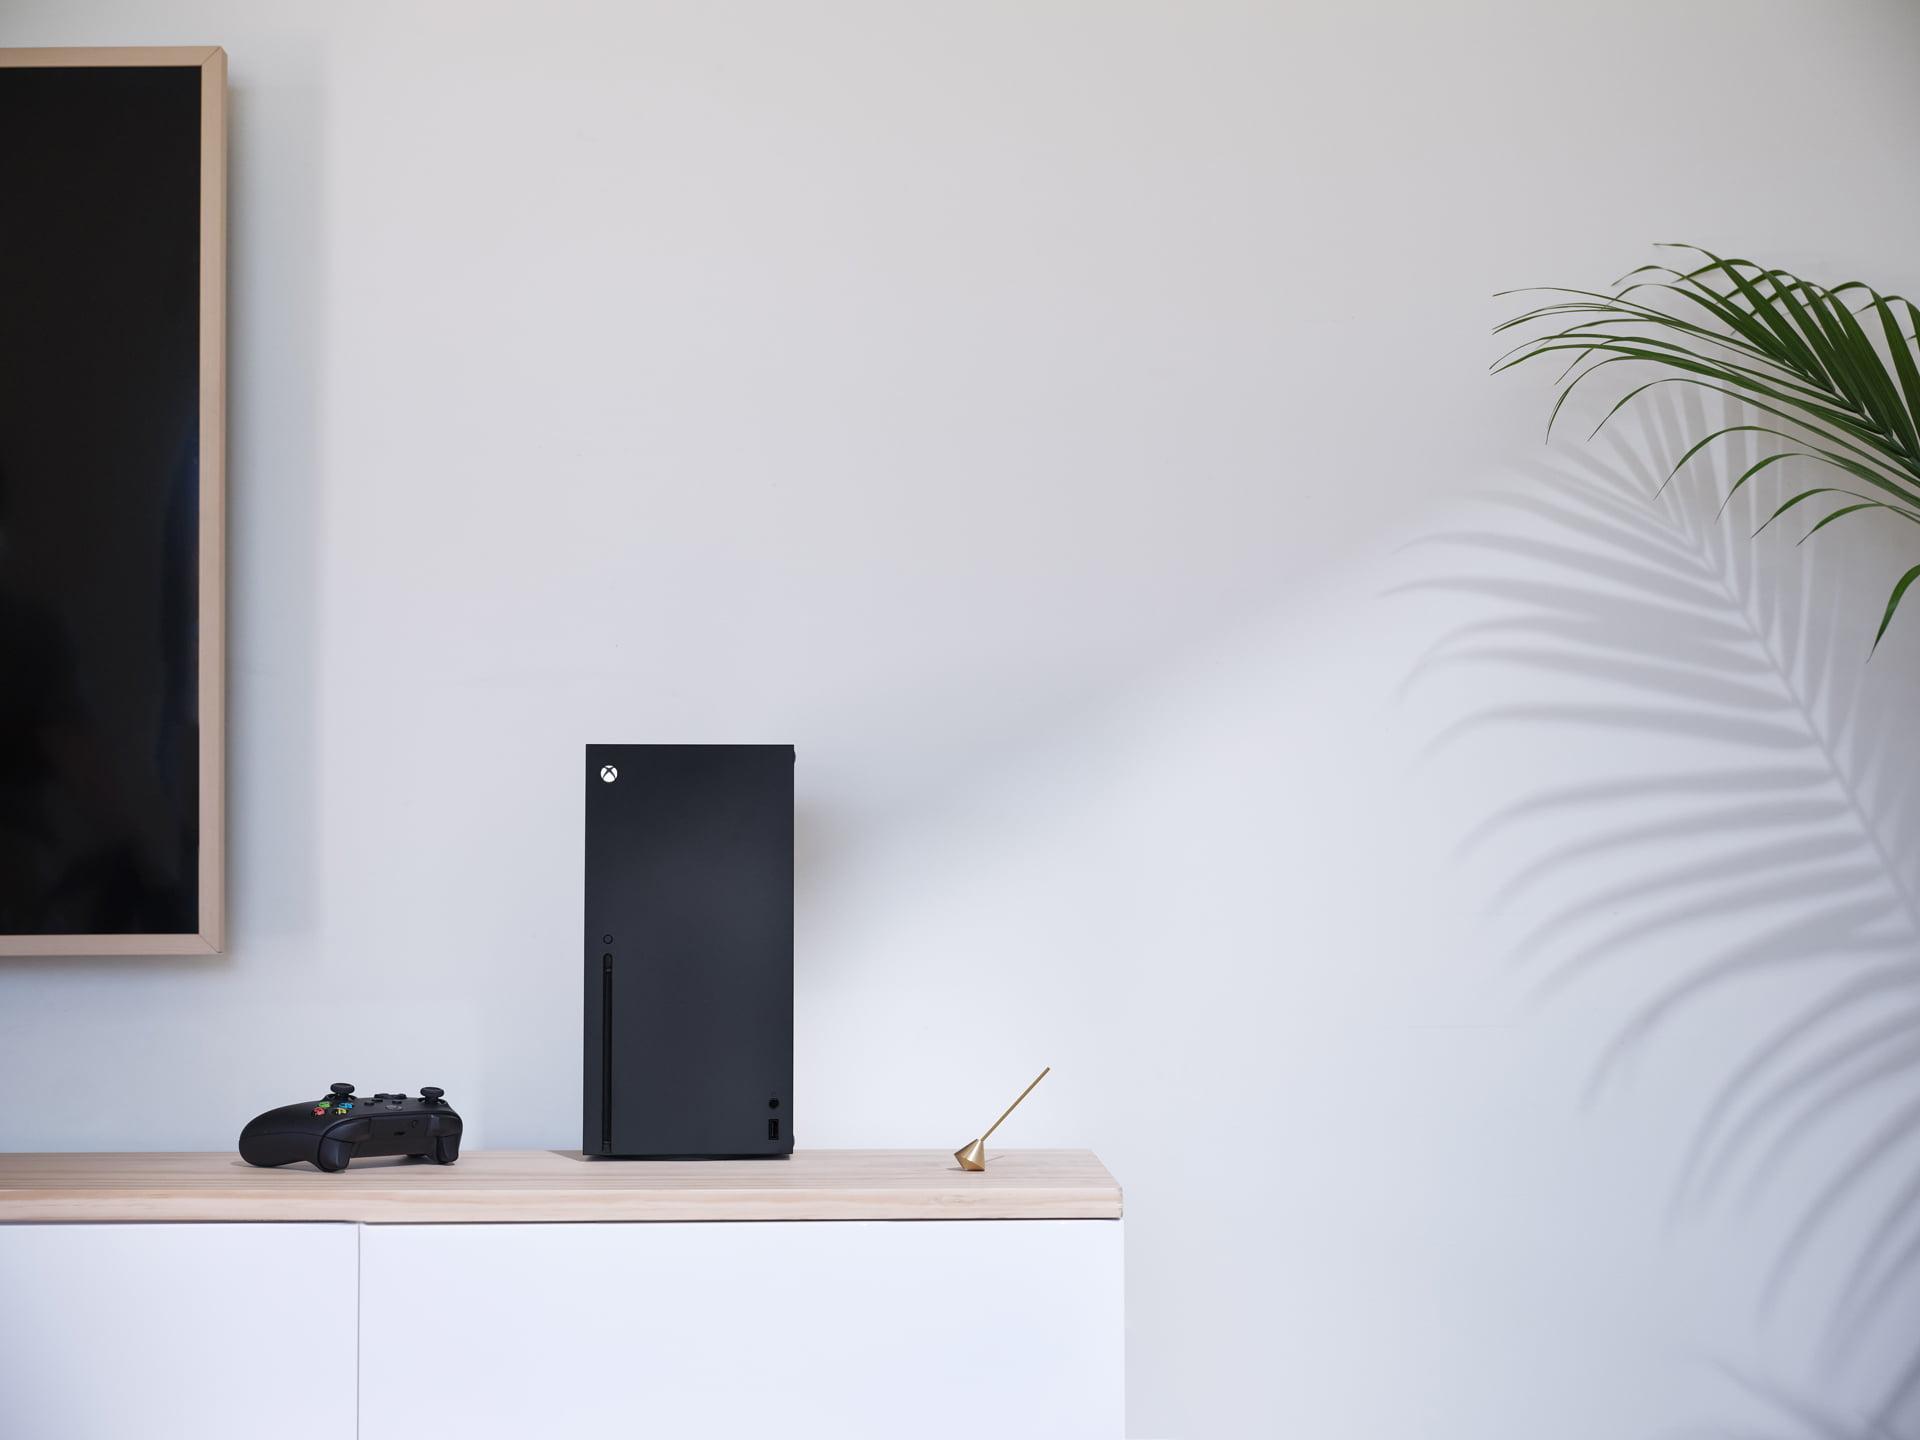 Une Xbox Series X dans un environnement épuré...